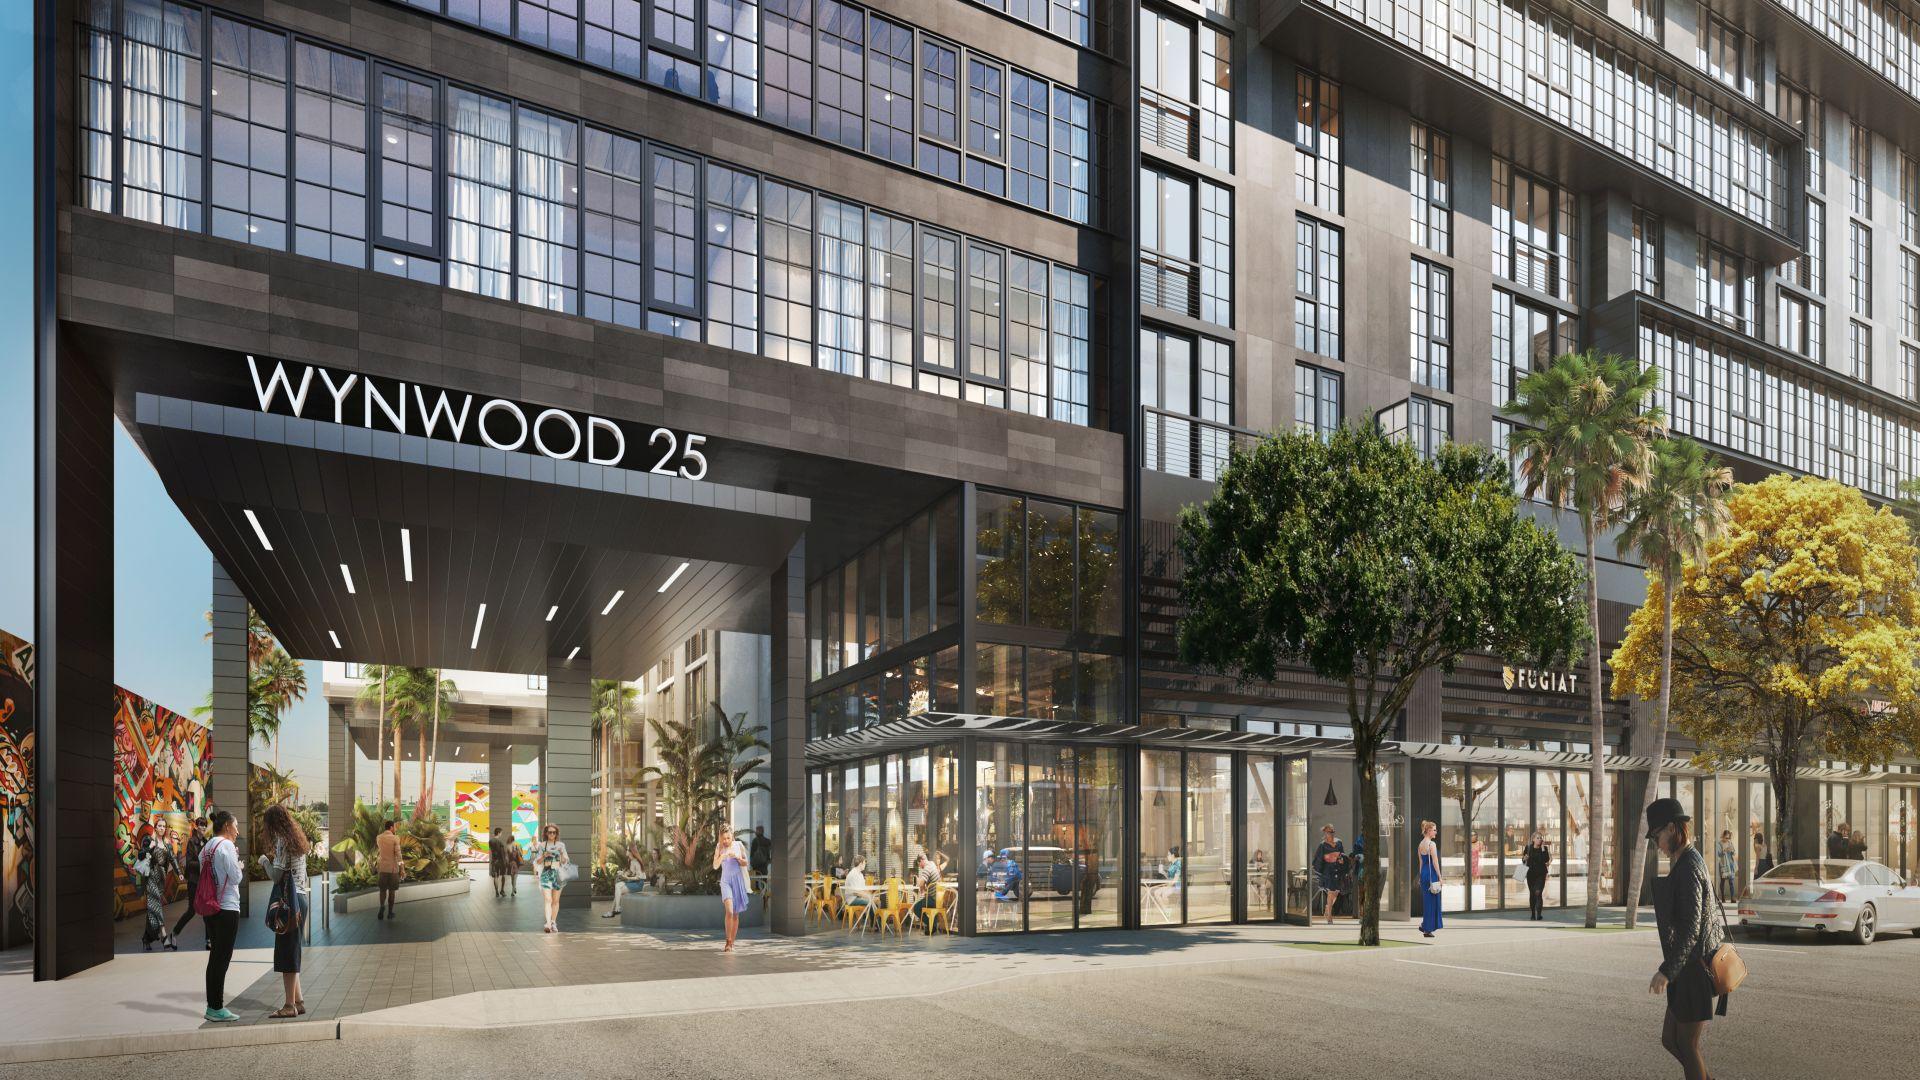 Wynwood 25 apartments